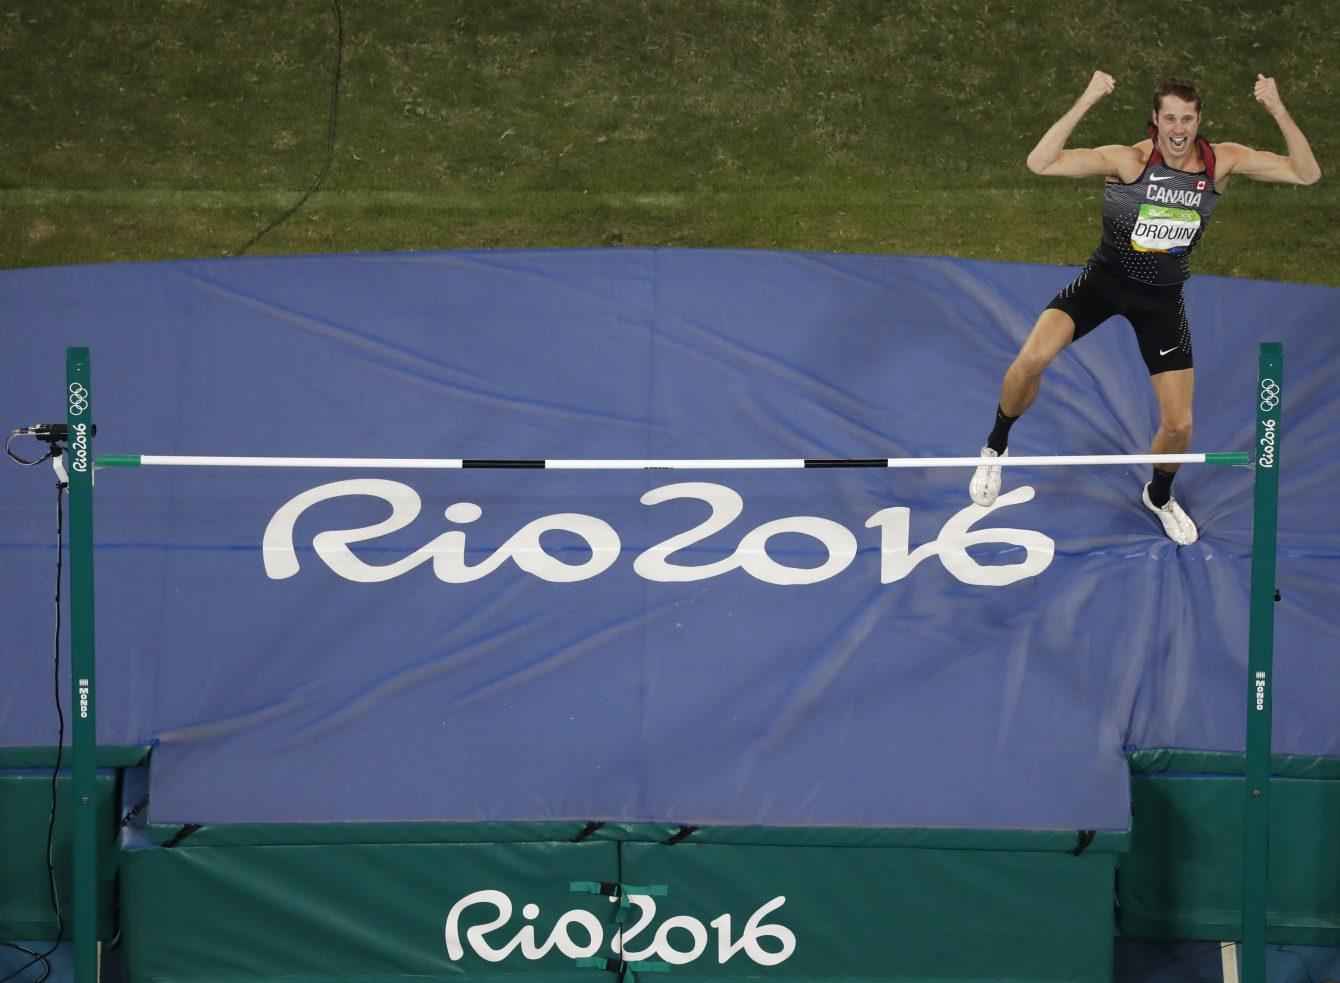 Rio 2016: Derek Drouin High Jump Gold | Team Canada ...